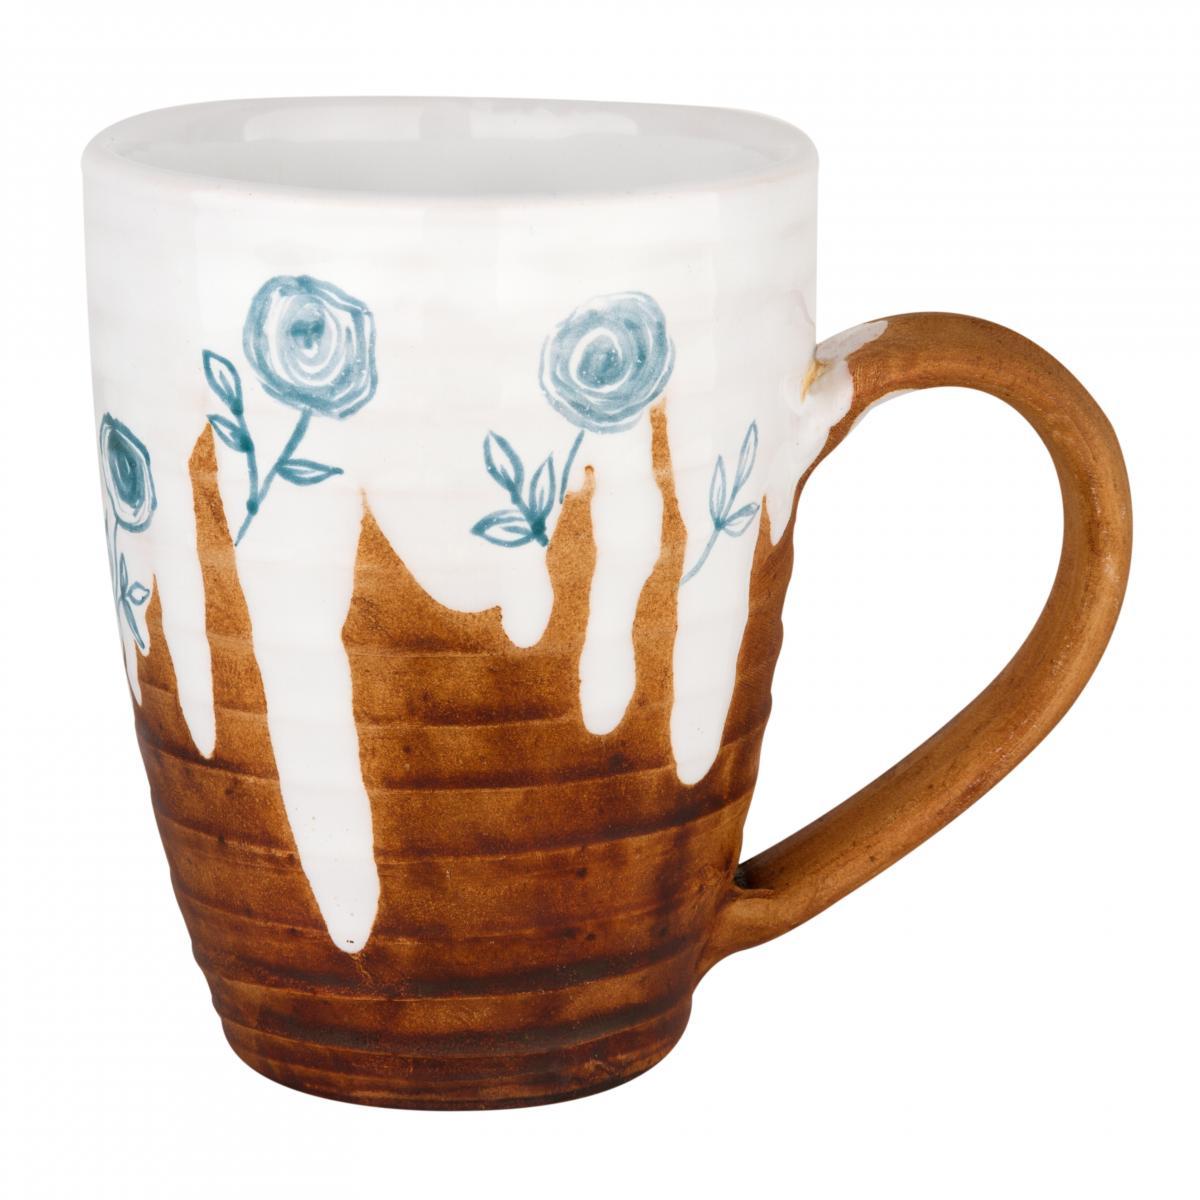 Чашка с голубыми пионами. Фото №1. | Народный дом Украина